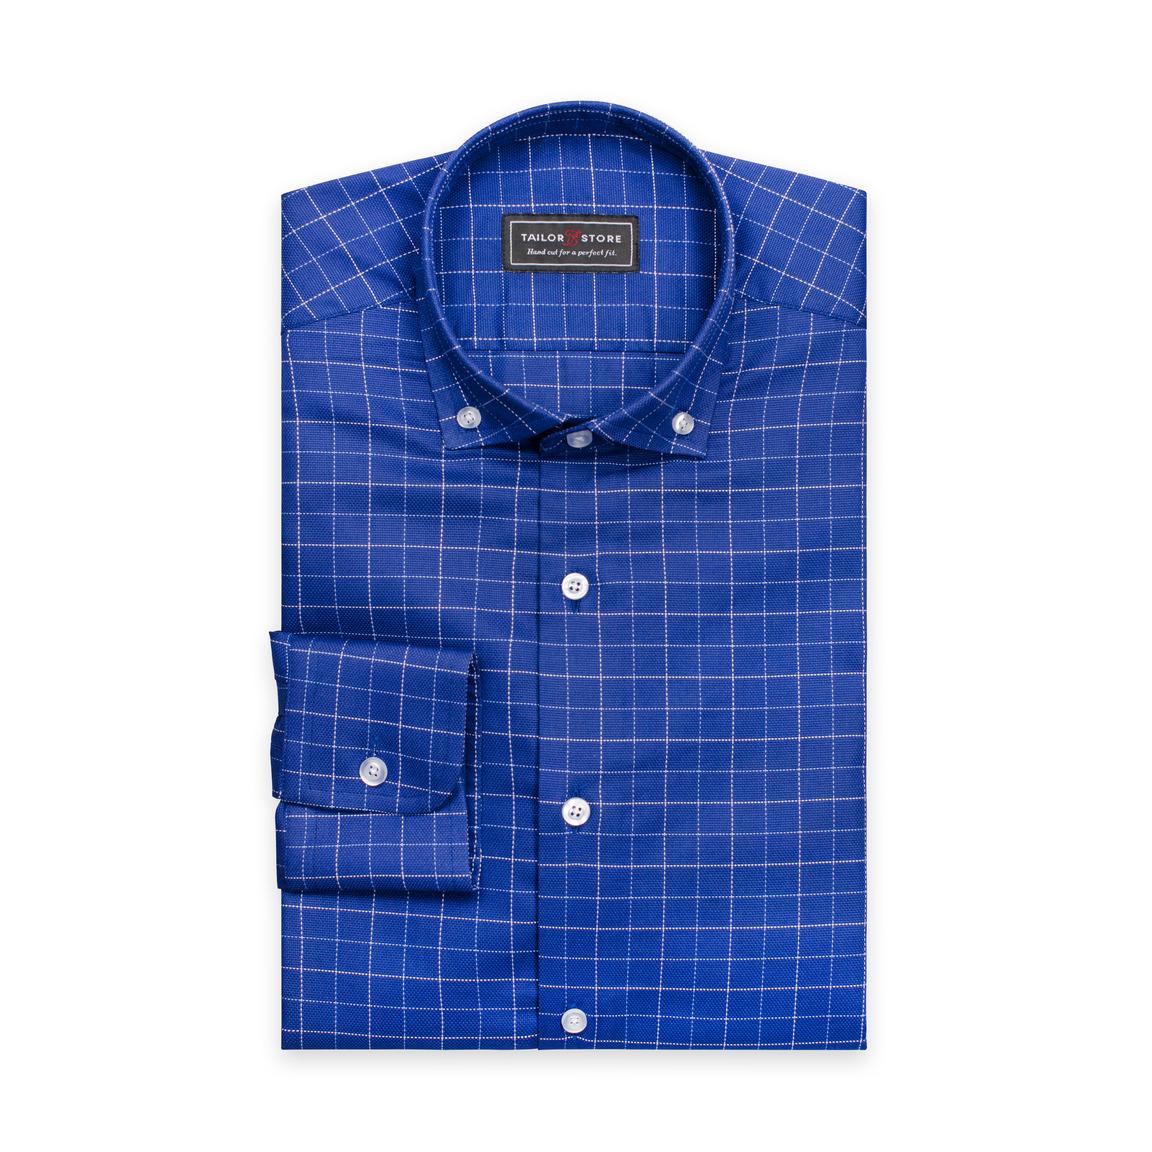 Chemise à carreaux bleus et blancs en coton